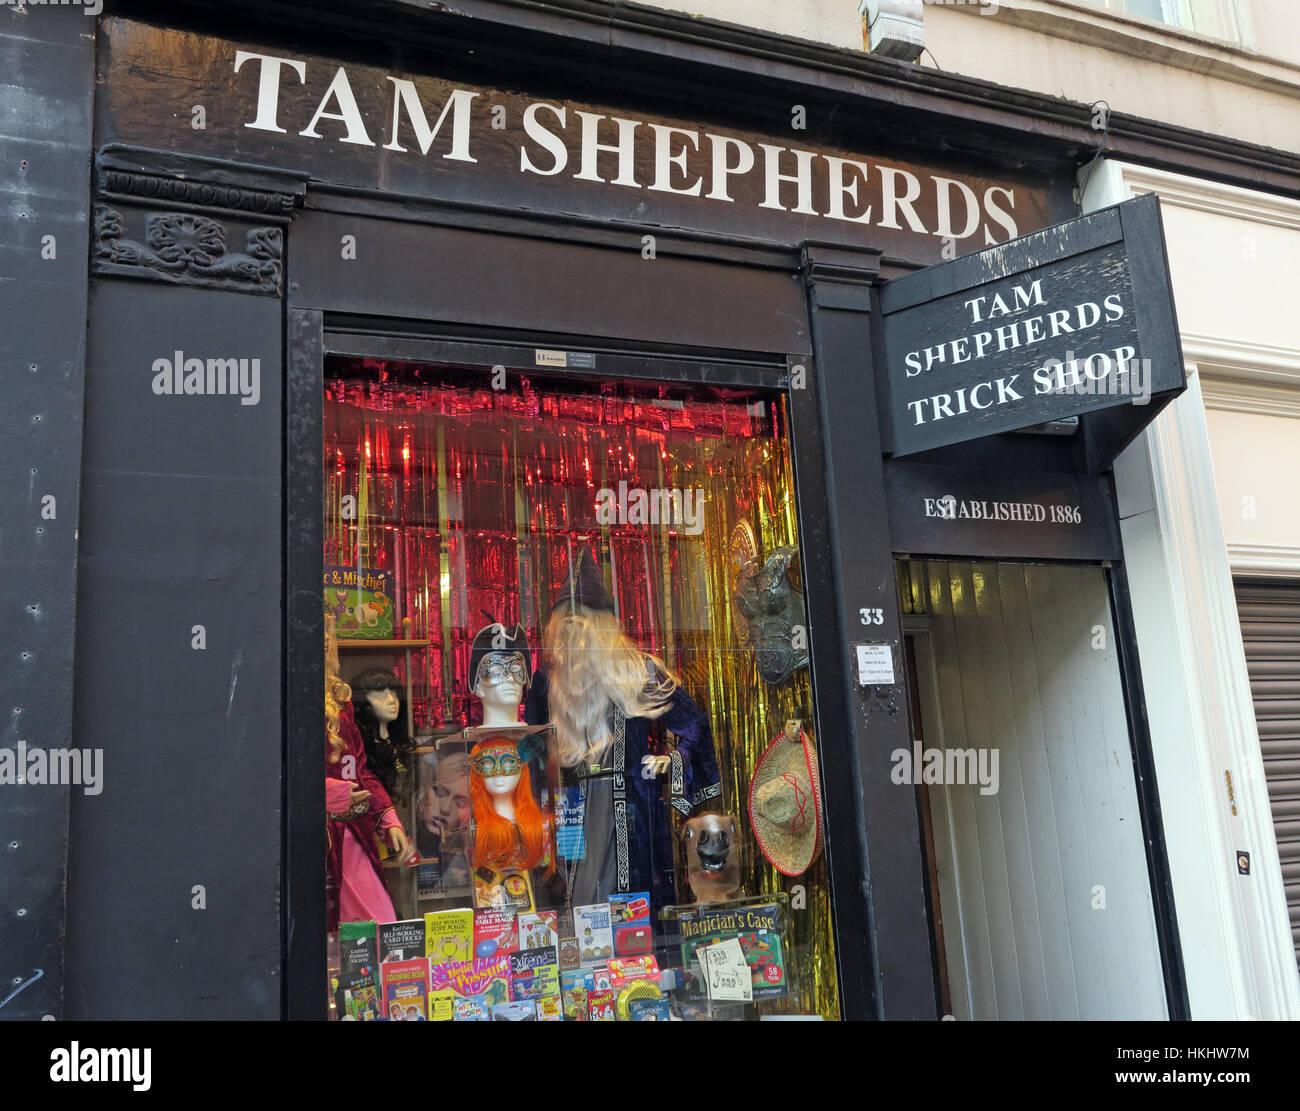 gotonysmith,Tam shepherds,Trick Shop,Joke,shopTrick,retail,shop,door,doorway